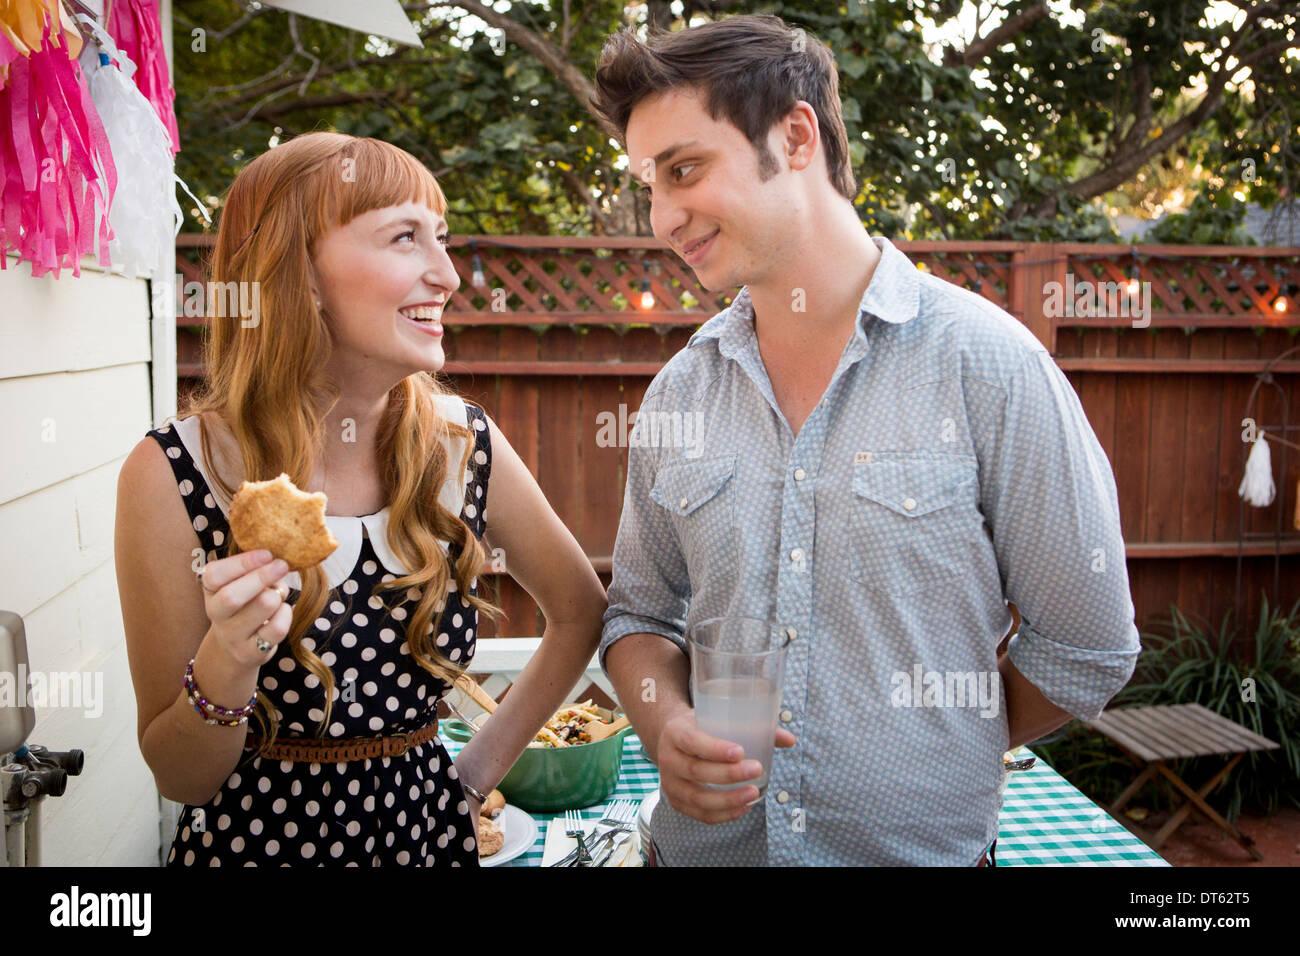 Young couple déjeuner pique-nique dans le jardin Photo Stock